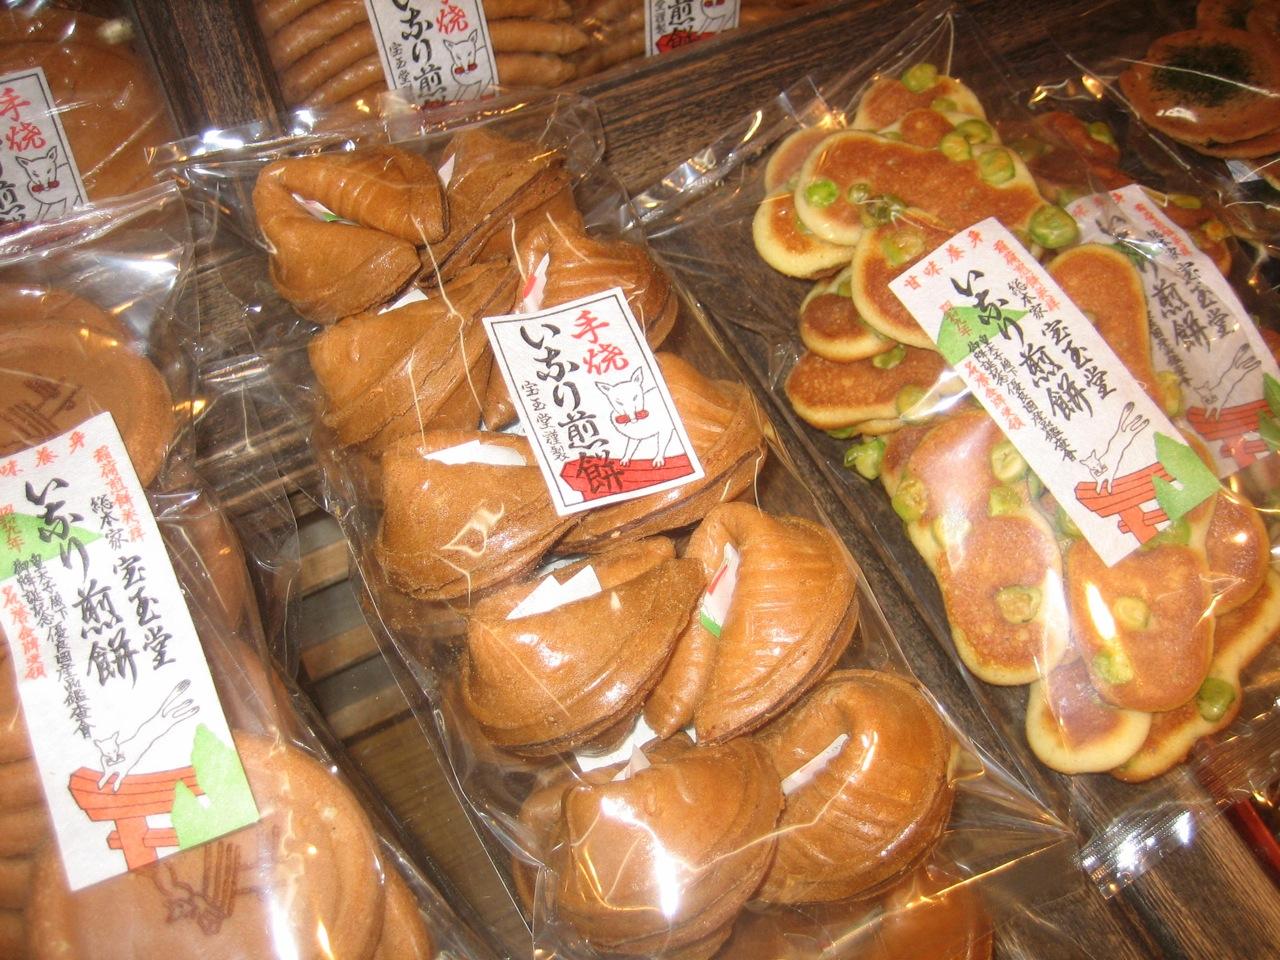 Various senbei at Hougyokudou bakery outside Kyoto, near Fushimi Inari Shrine